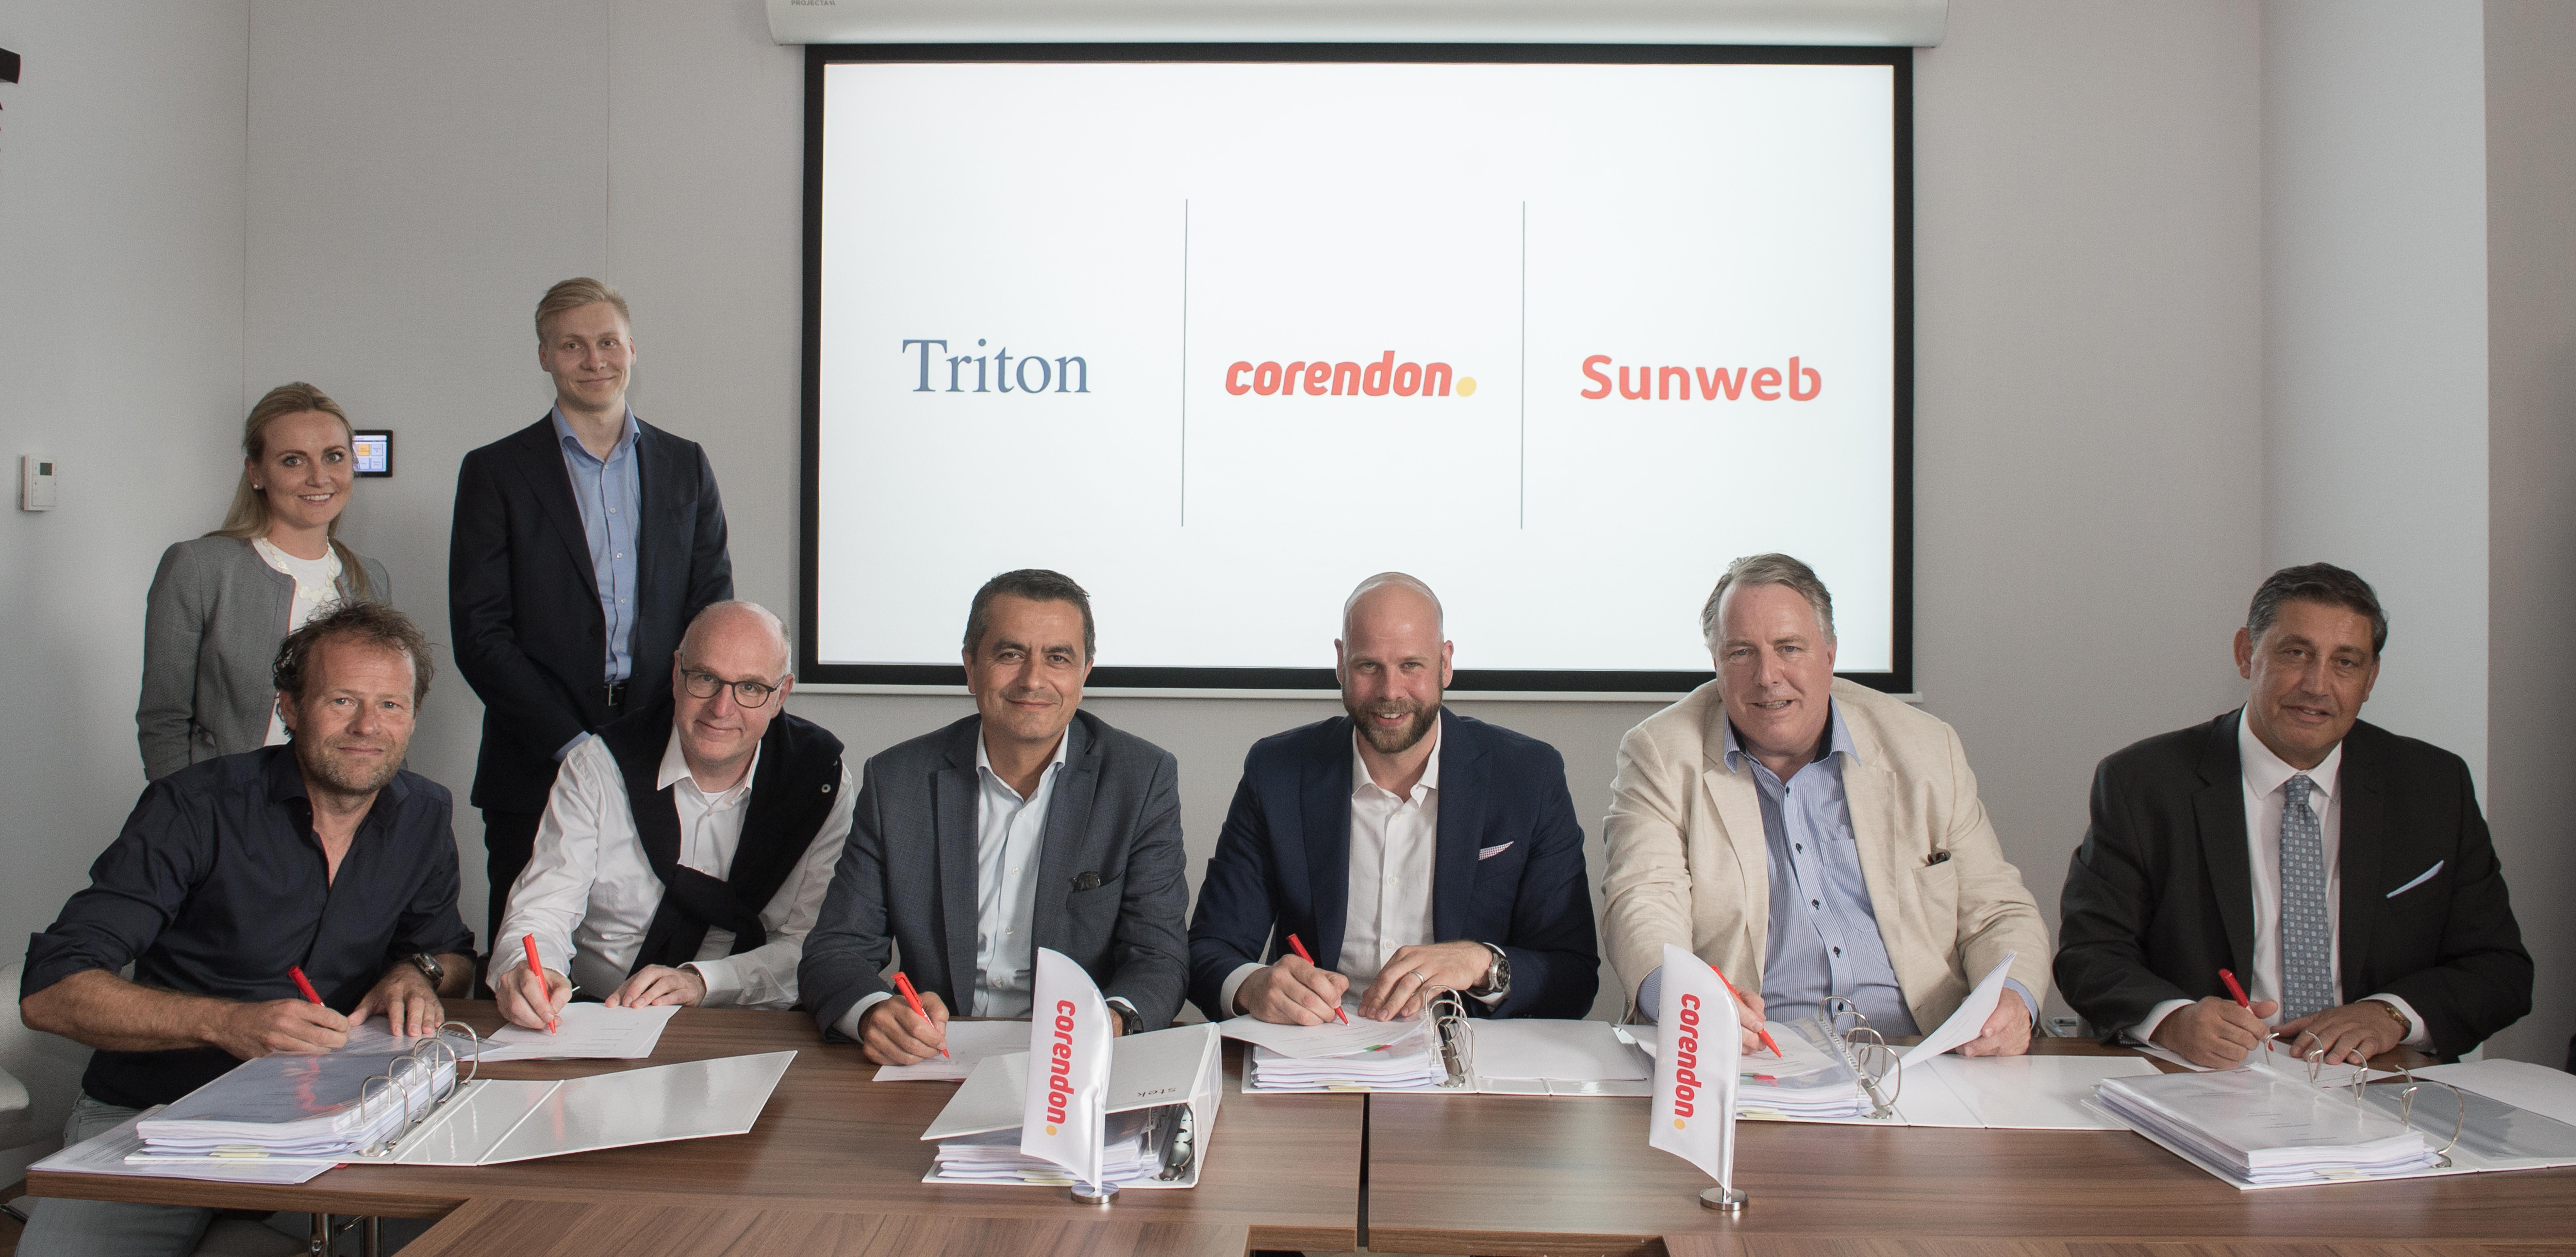 Corendon – Sunweb deal in handen van de rechter